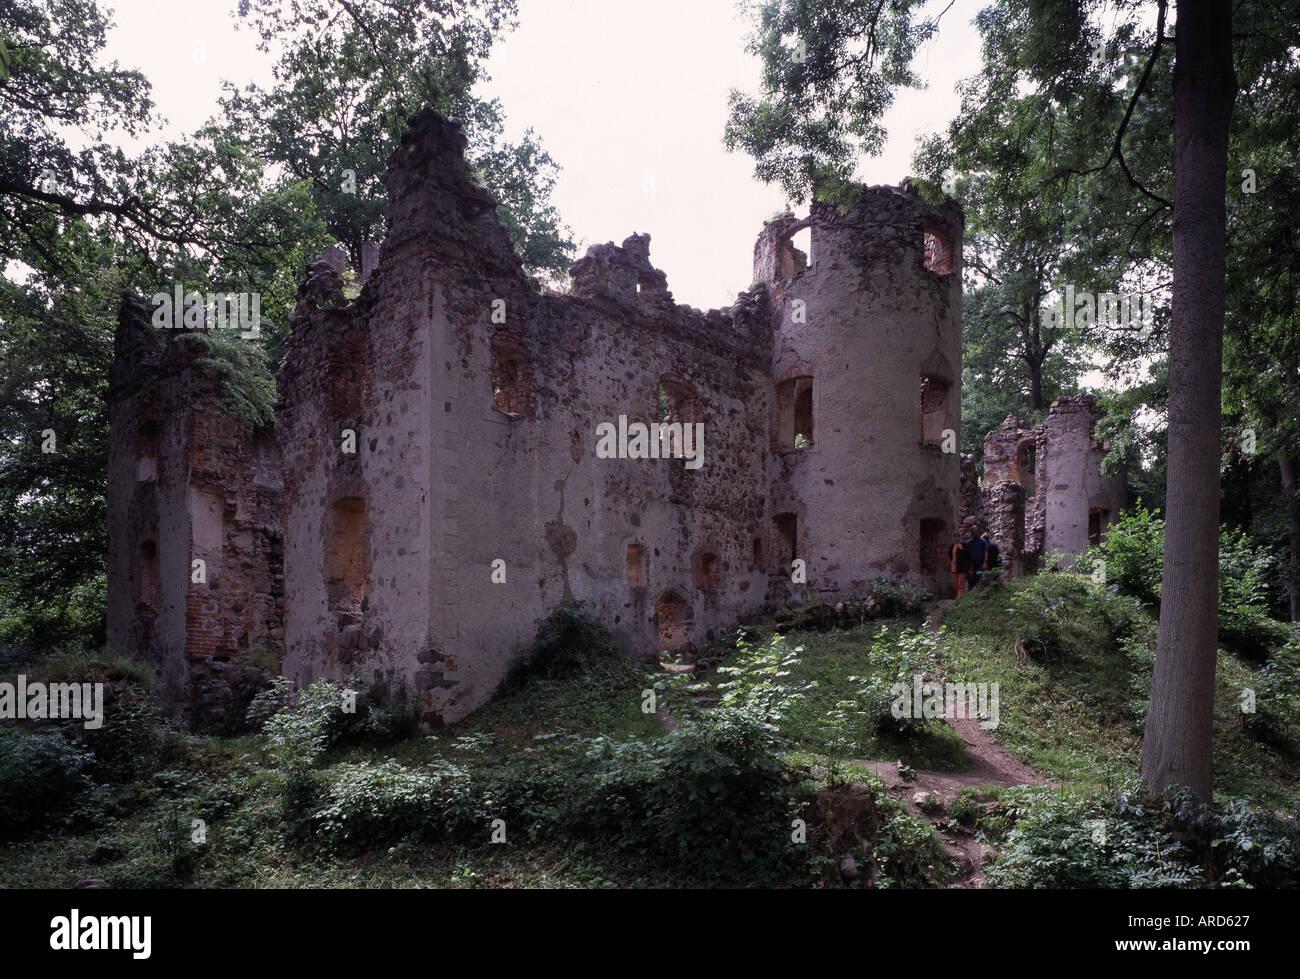 Veste Landskron, Burg, Erbaut von Ulrich von Schwerin in den Jahren 1576 bis 1579. Stock Photo